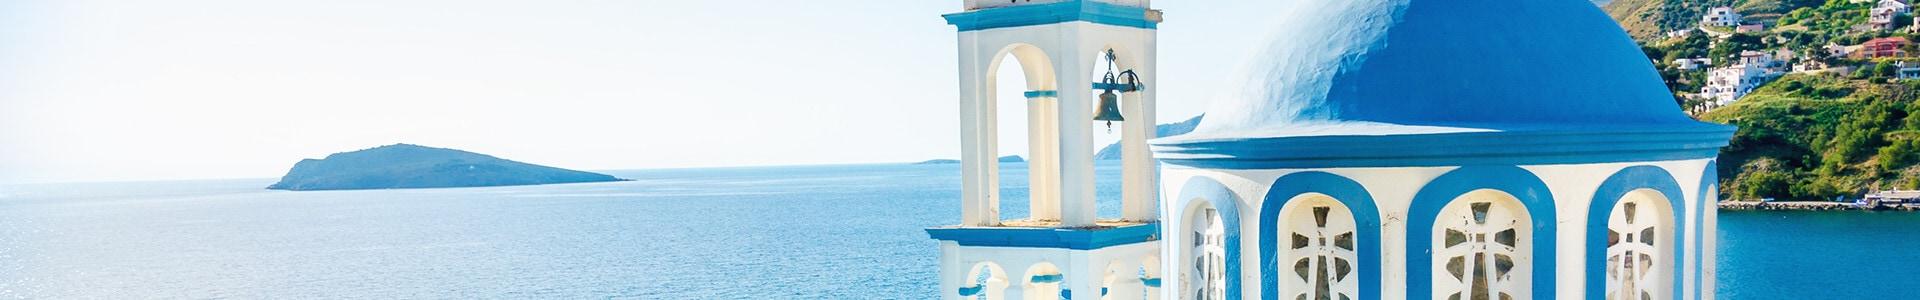 Voyage Crète - TUI